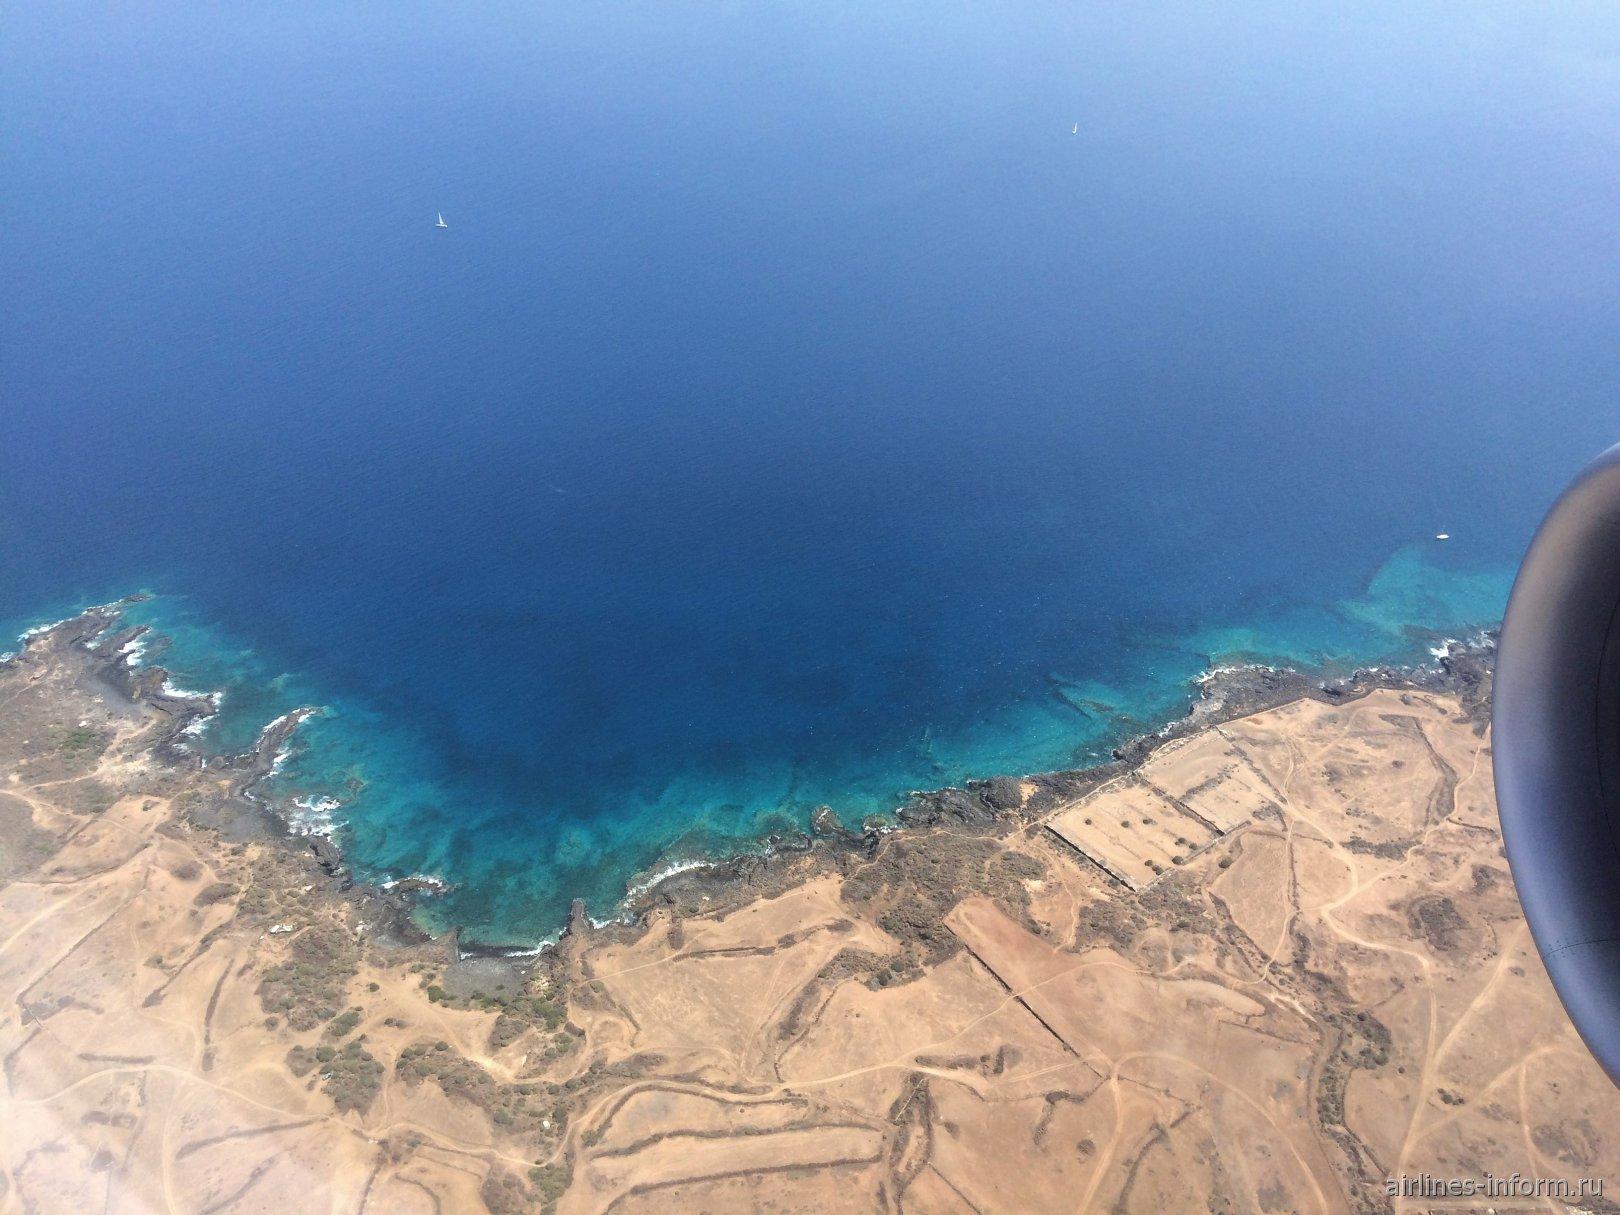 Побережье Канарских островов перед посадкой в аэропорт Тенерифе Южный